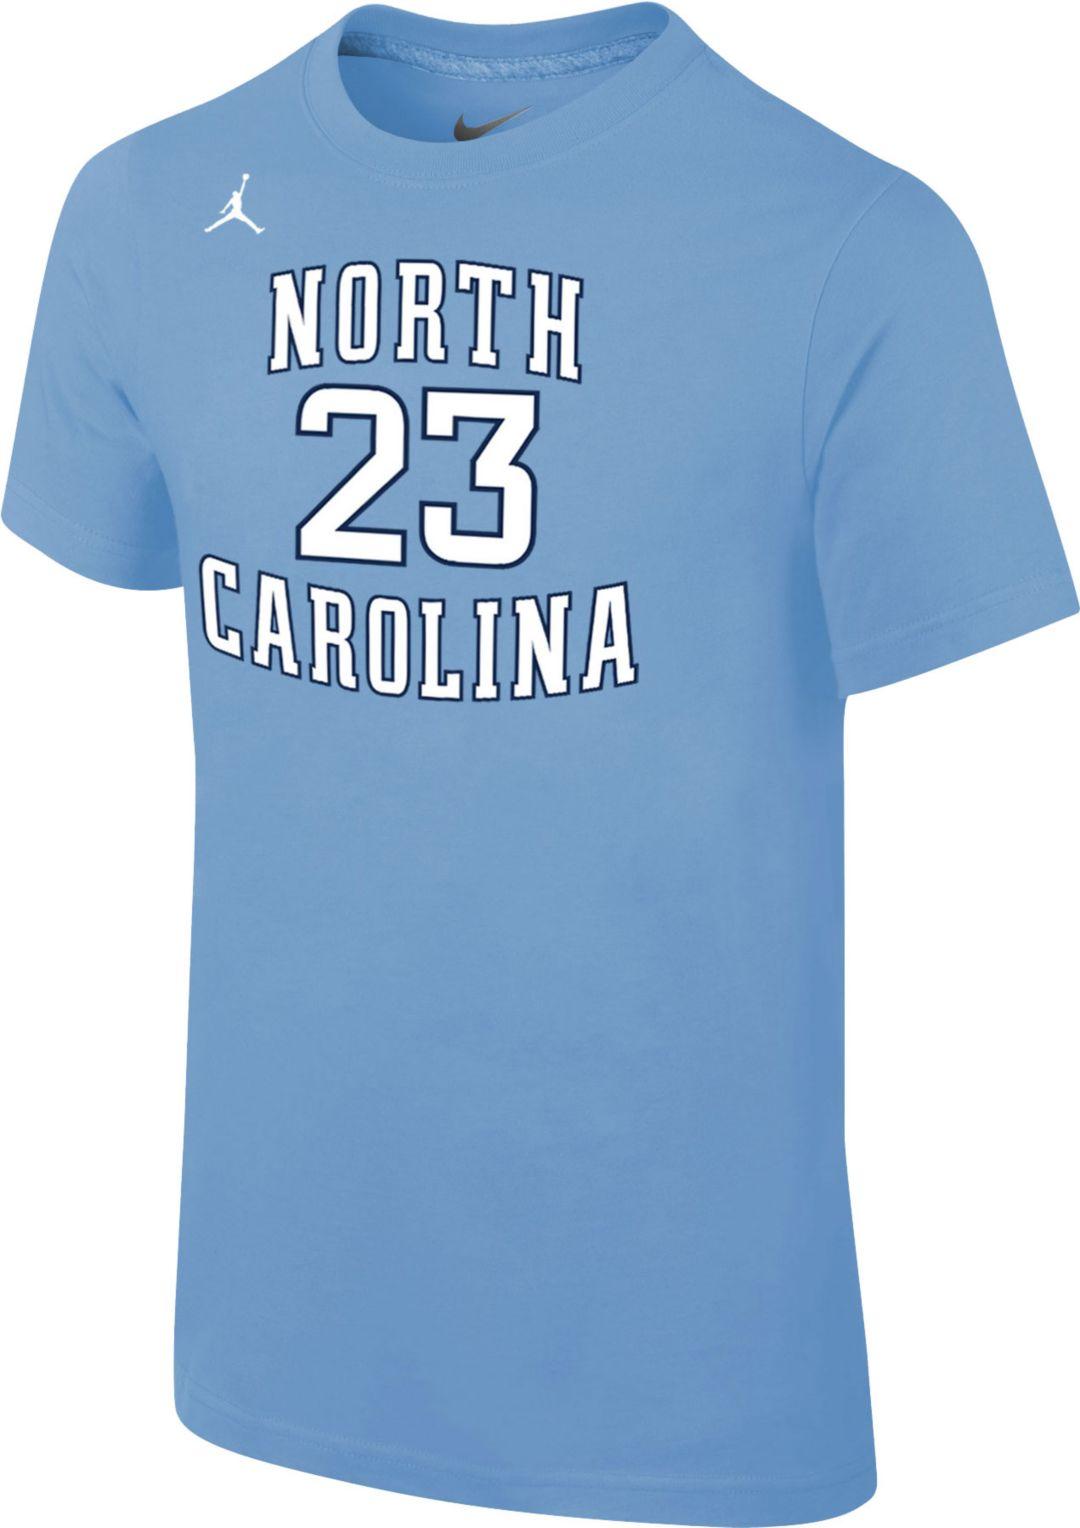 a4b501343e6 Jordan Youth North Carolina Tar Heels Michael Jordan #23 Carolina Blue  Future Star Replica Basketball